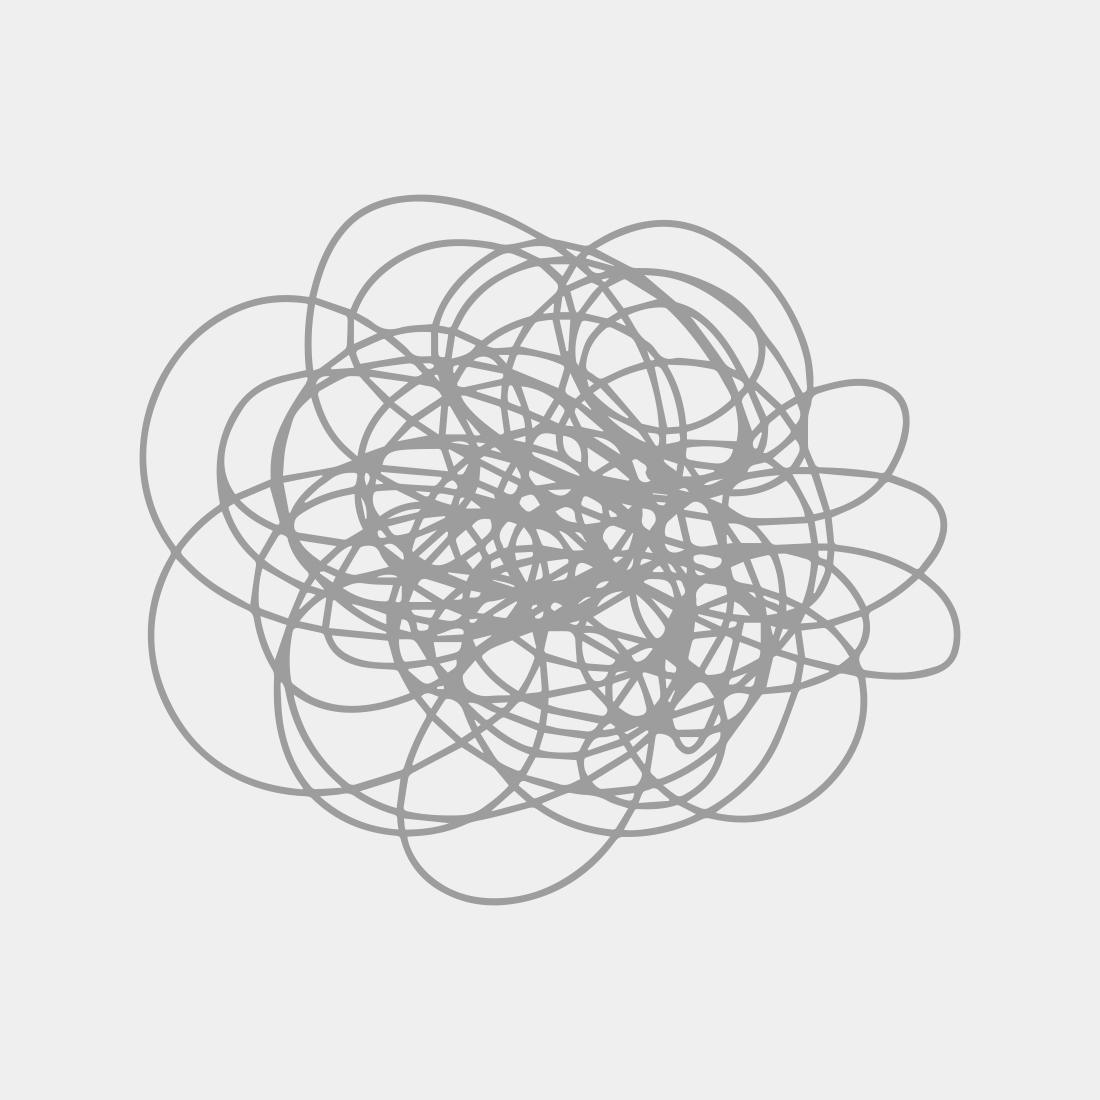 Let's Make Some Great Art Marion Deuchars